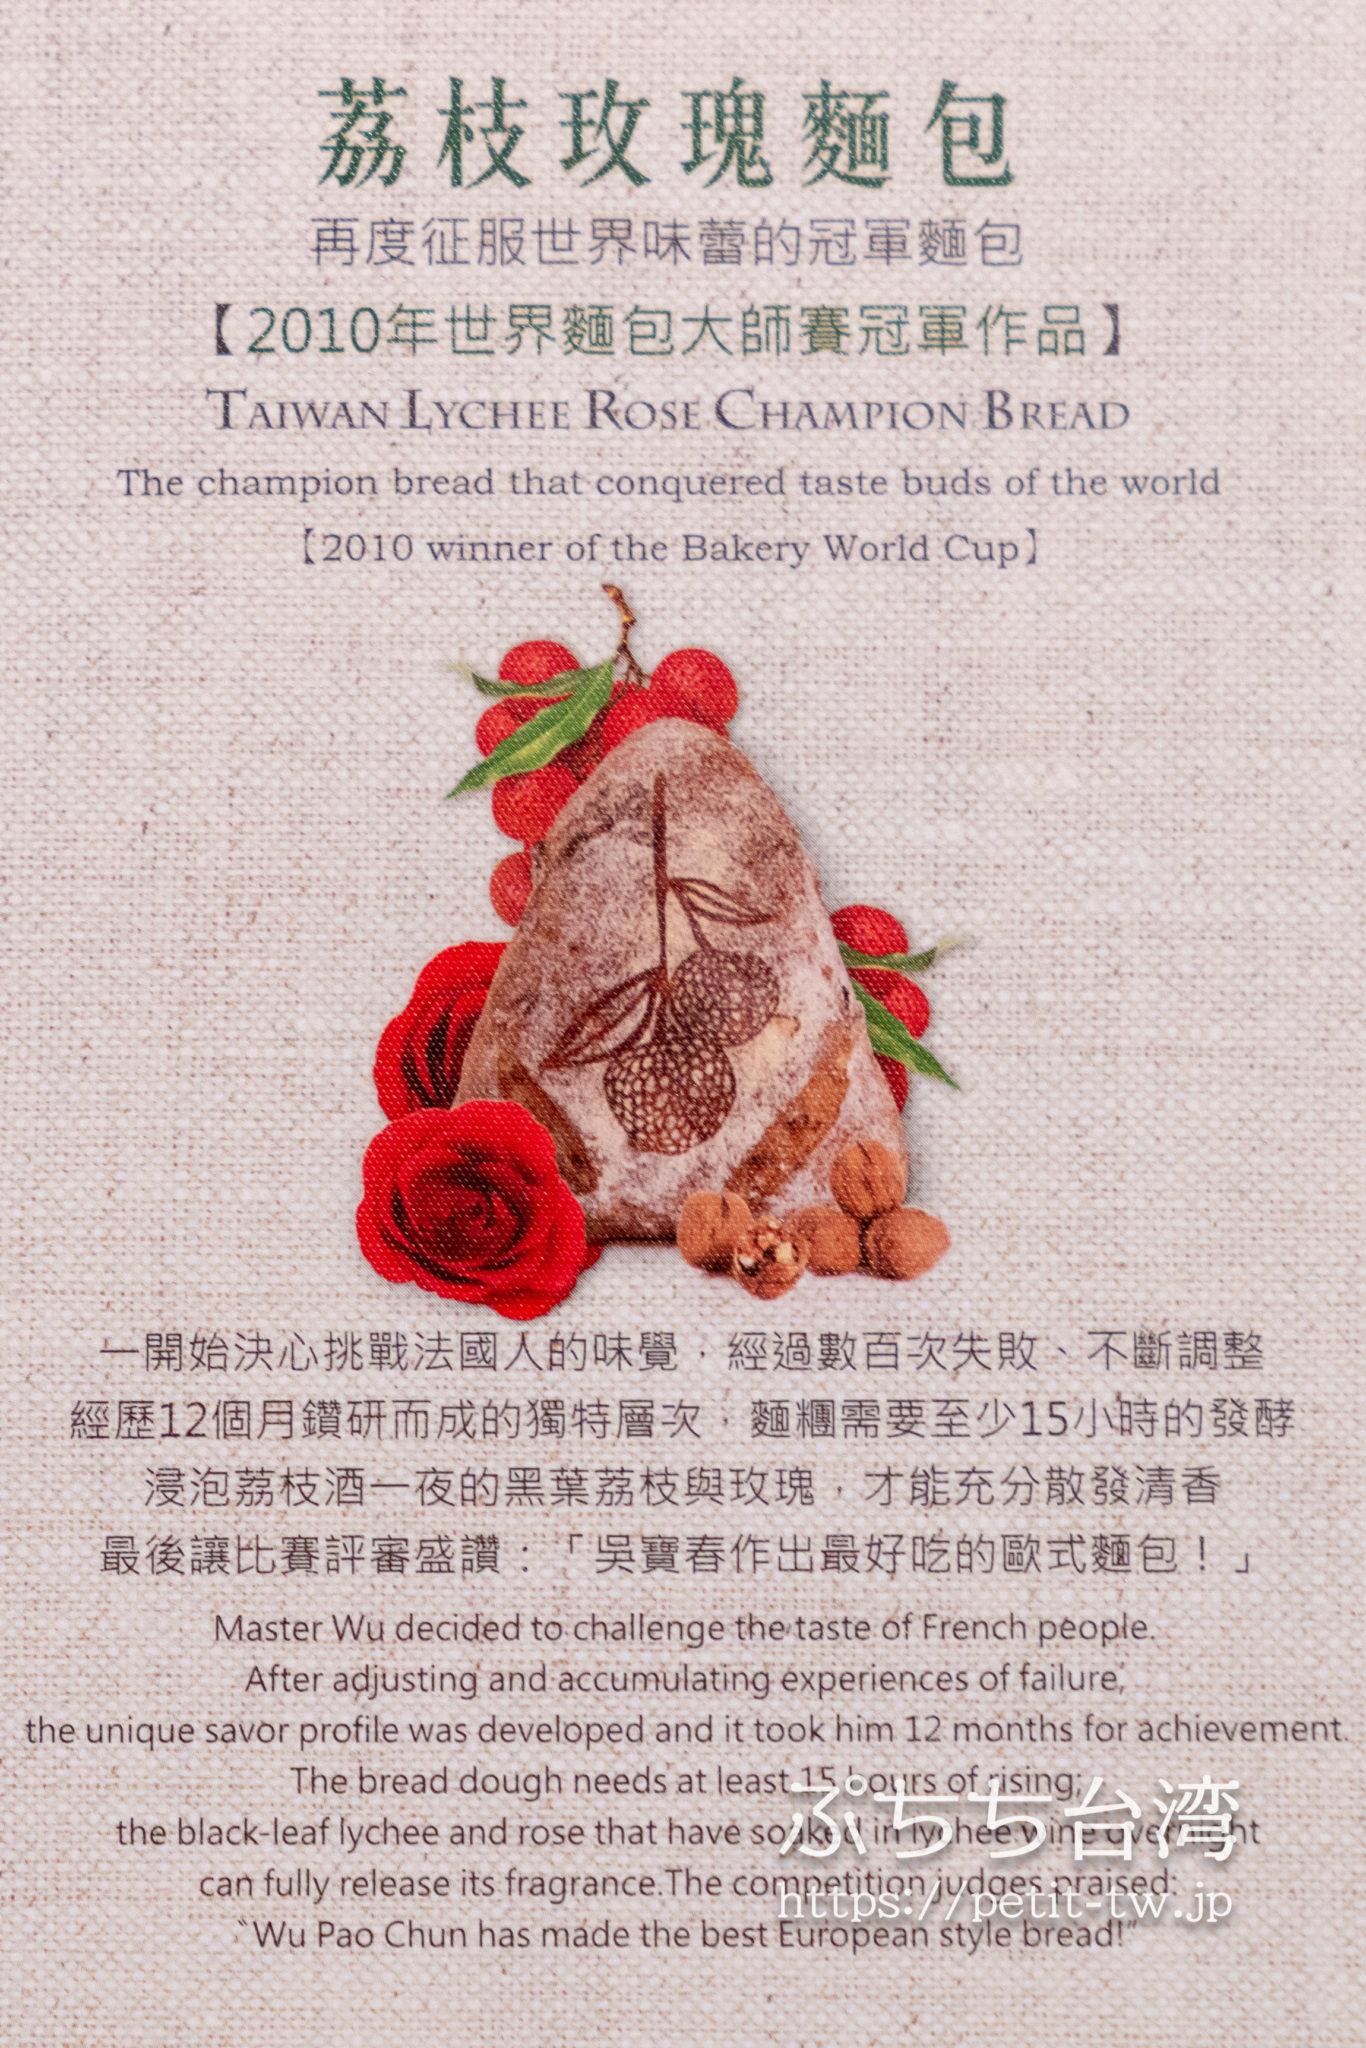 吳寶春麥方店のチャンピオンの茘枝玫瑰麵包 Taiwan Lychee Rose Champion Bread